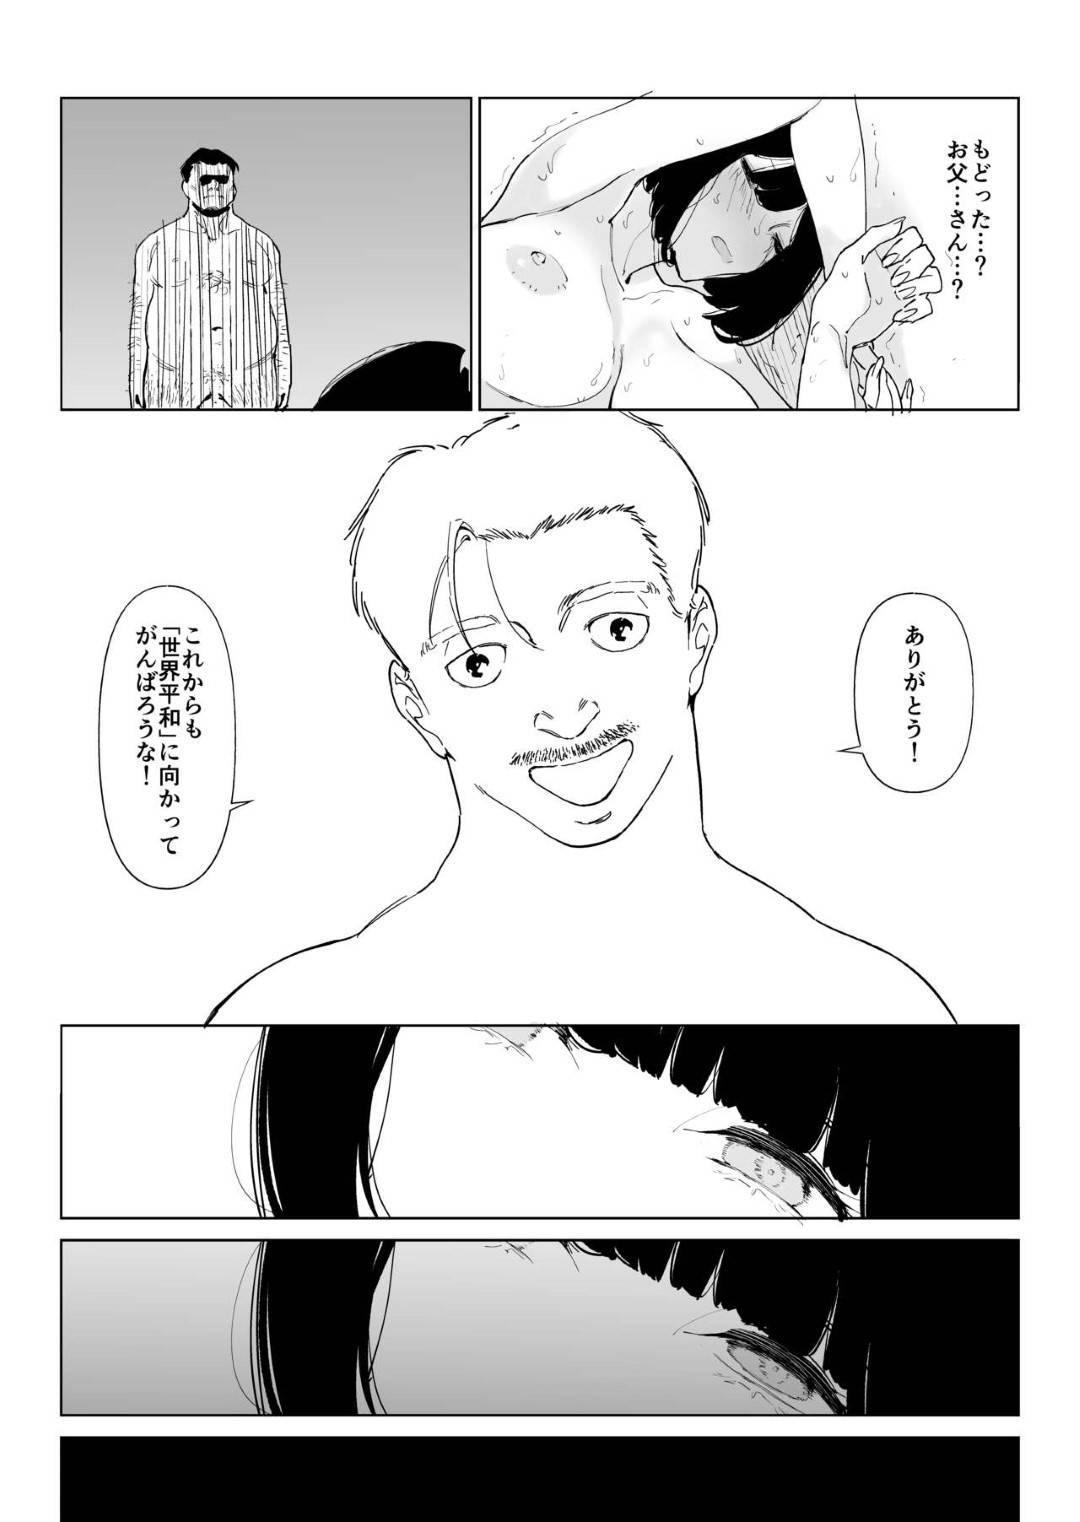 【エロ漫画】事故が原因で頭がおかしくなってしまった養父。今まで実の娘同様に可愛がっていた義理の娘の巨乳JKに欲情するようになり、欲望を抑えきれなくなった彼は彼女を全裸にして強引にクンニや手マンなどエッチな事をしてはレイプまでしてしまう。